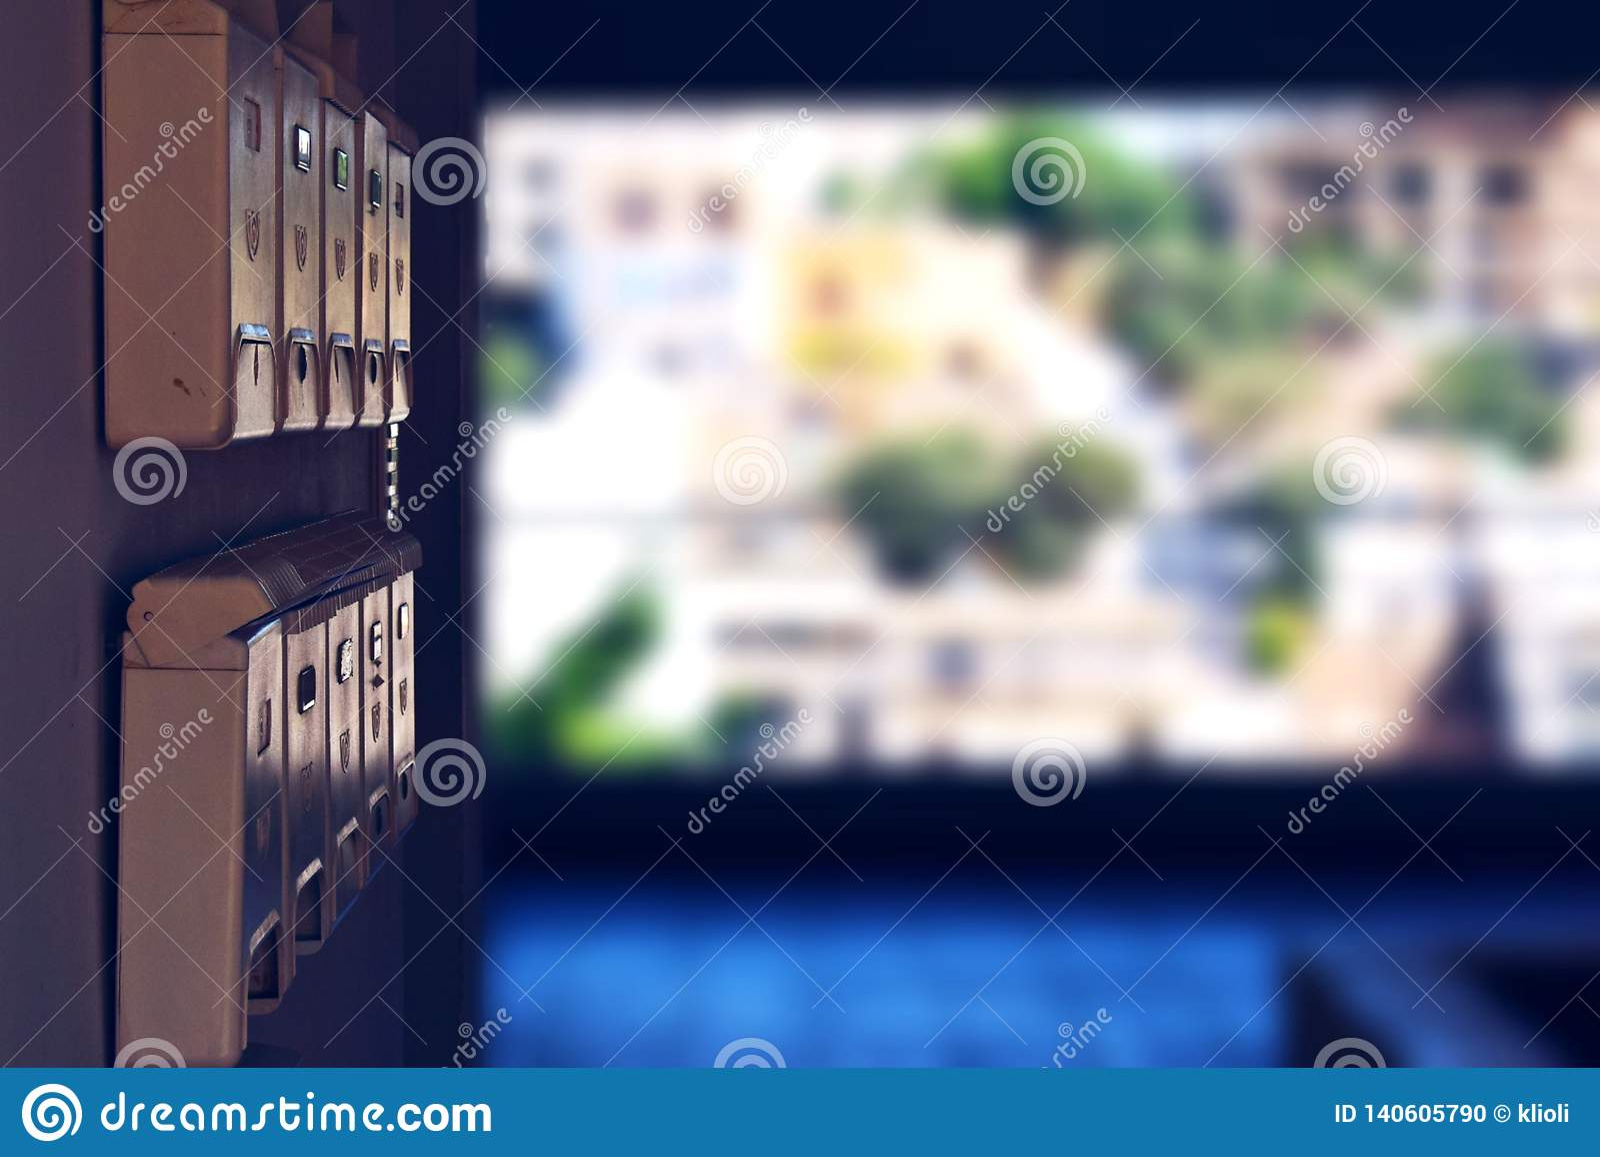 Бежевые почтовые ящики в открытой зале жилого дома обозревая город ажио Nikolaus